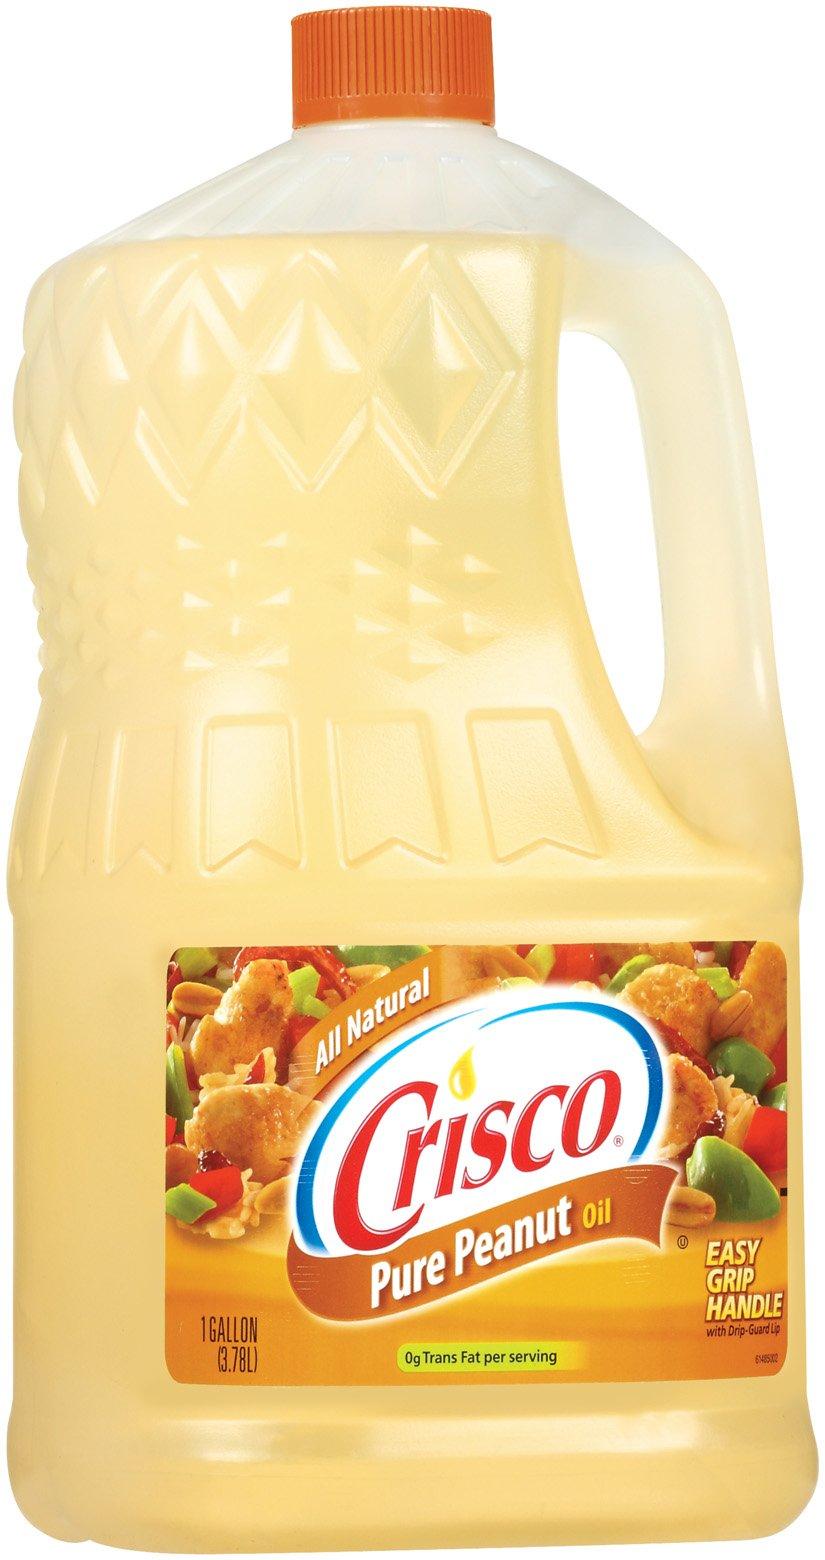 Crisco Pure Peanut Oil, 1 Gallon (Pack of 4) by Crisco (Image #1)